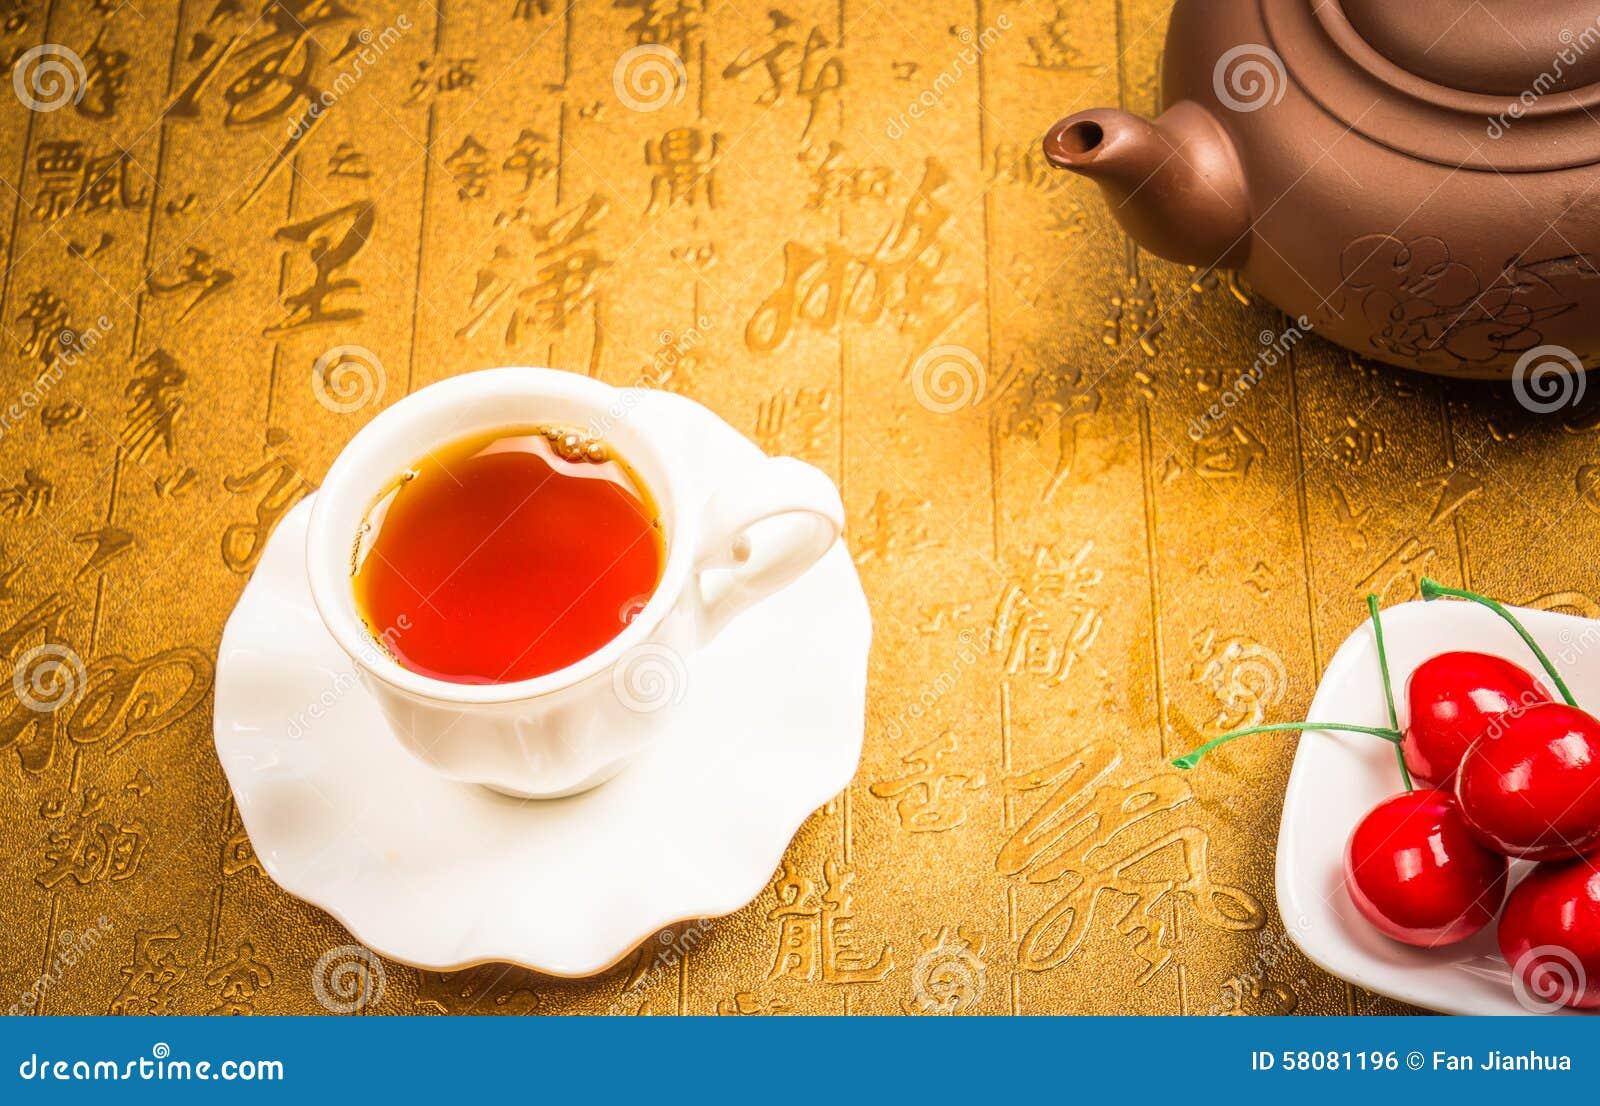 En kopp av helt te för bladlapsangsouchong, ett rikt rökigt smaksatt te